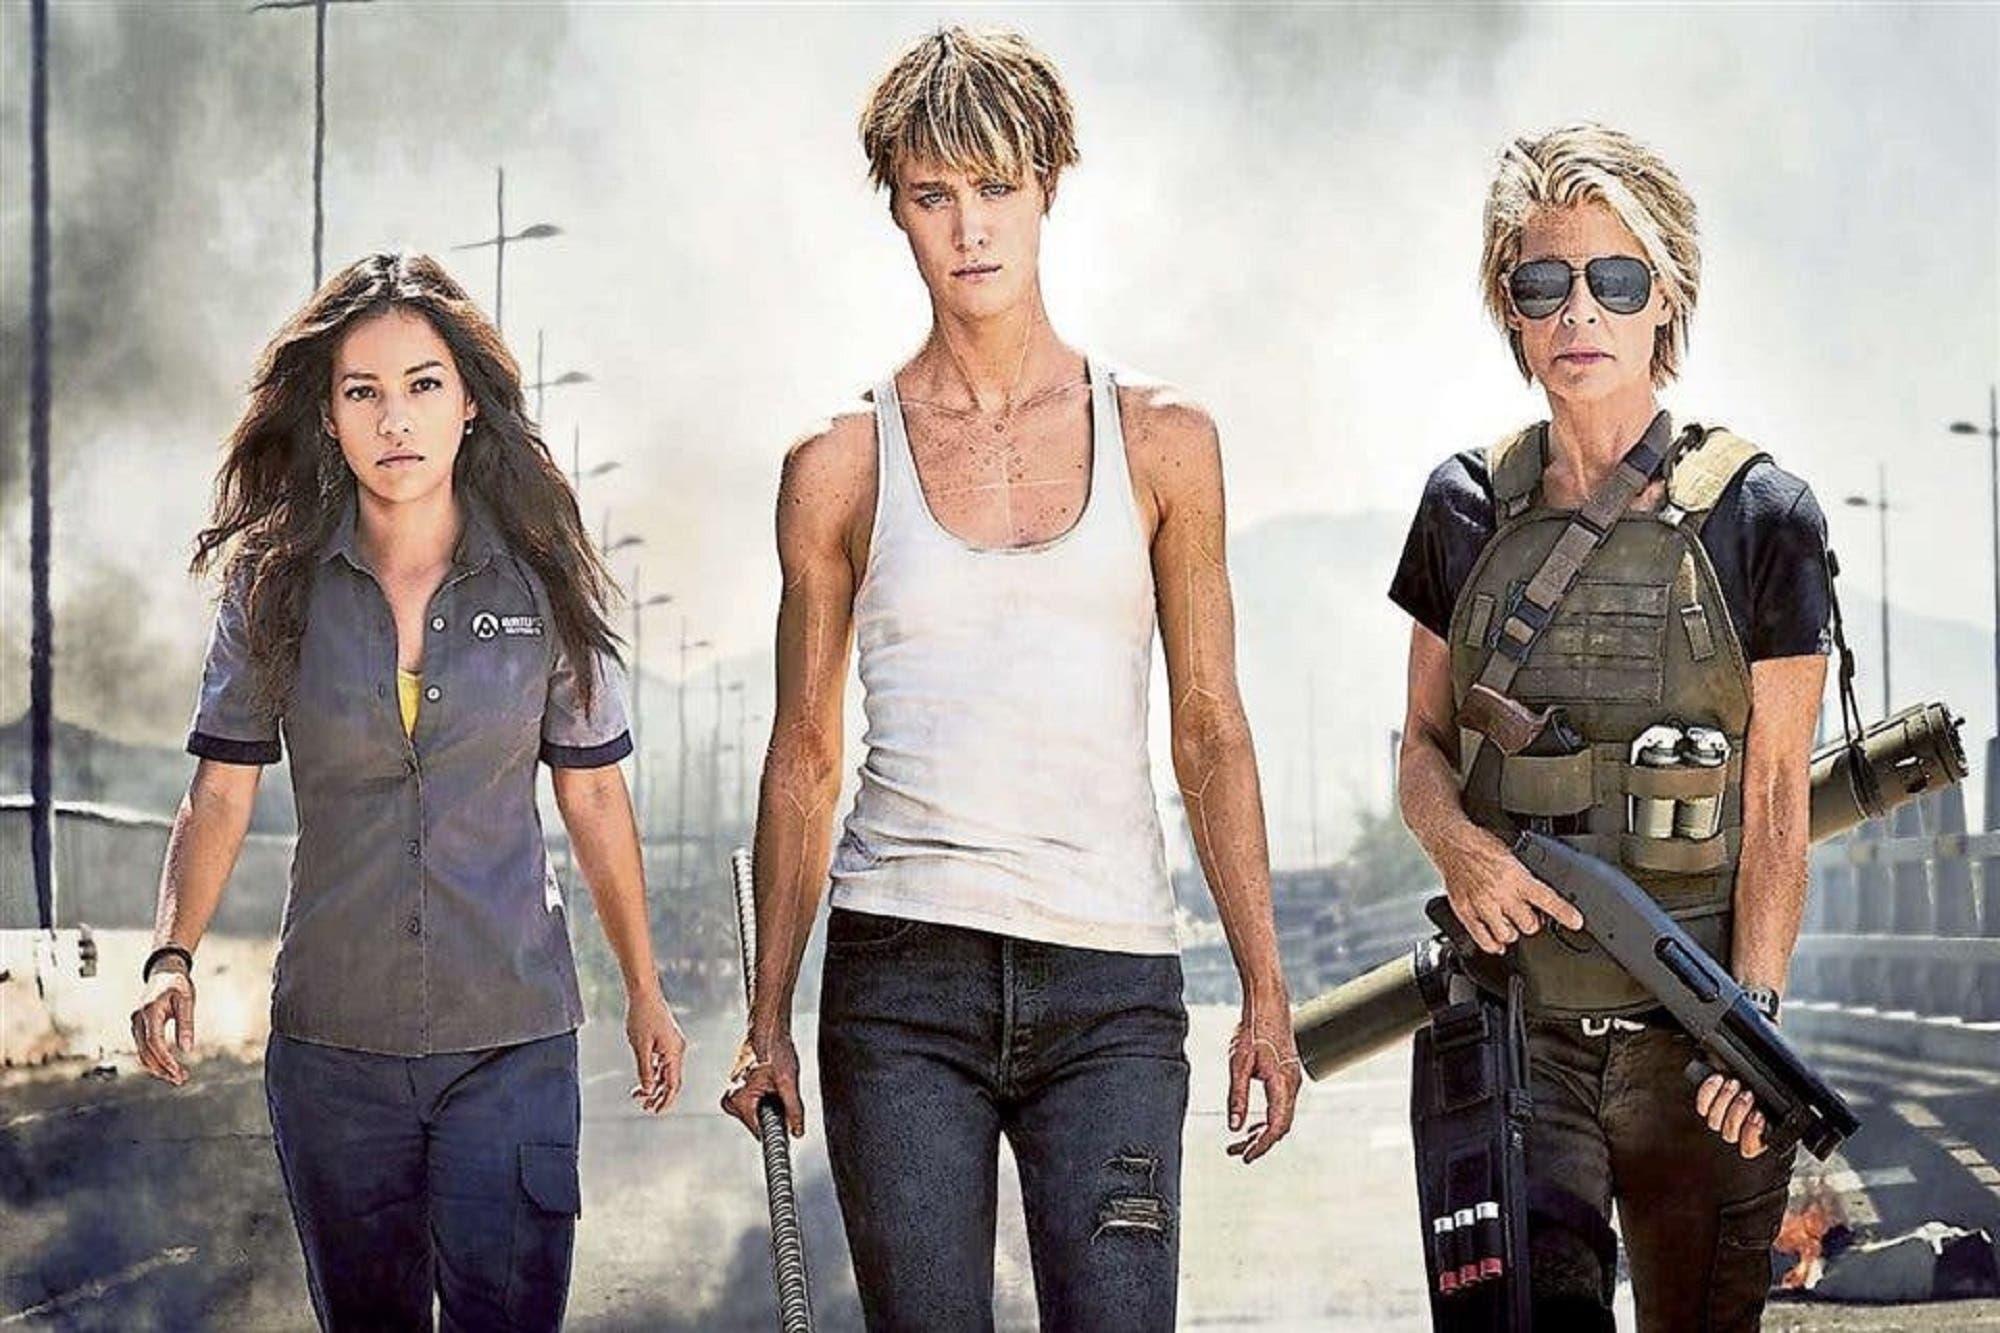 Acción, guiños y una dura amenaza en el apocalíptico nuevo trailer de Terminator: Destino Oculto